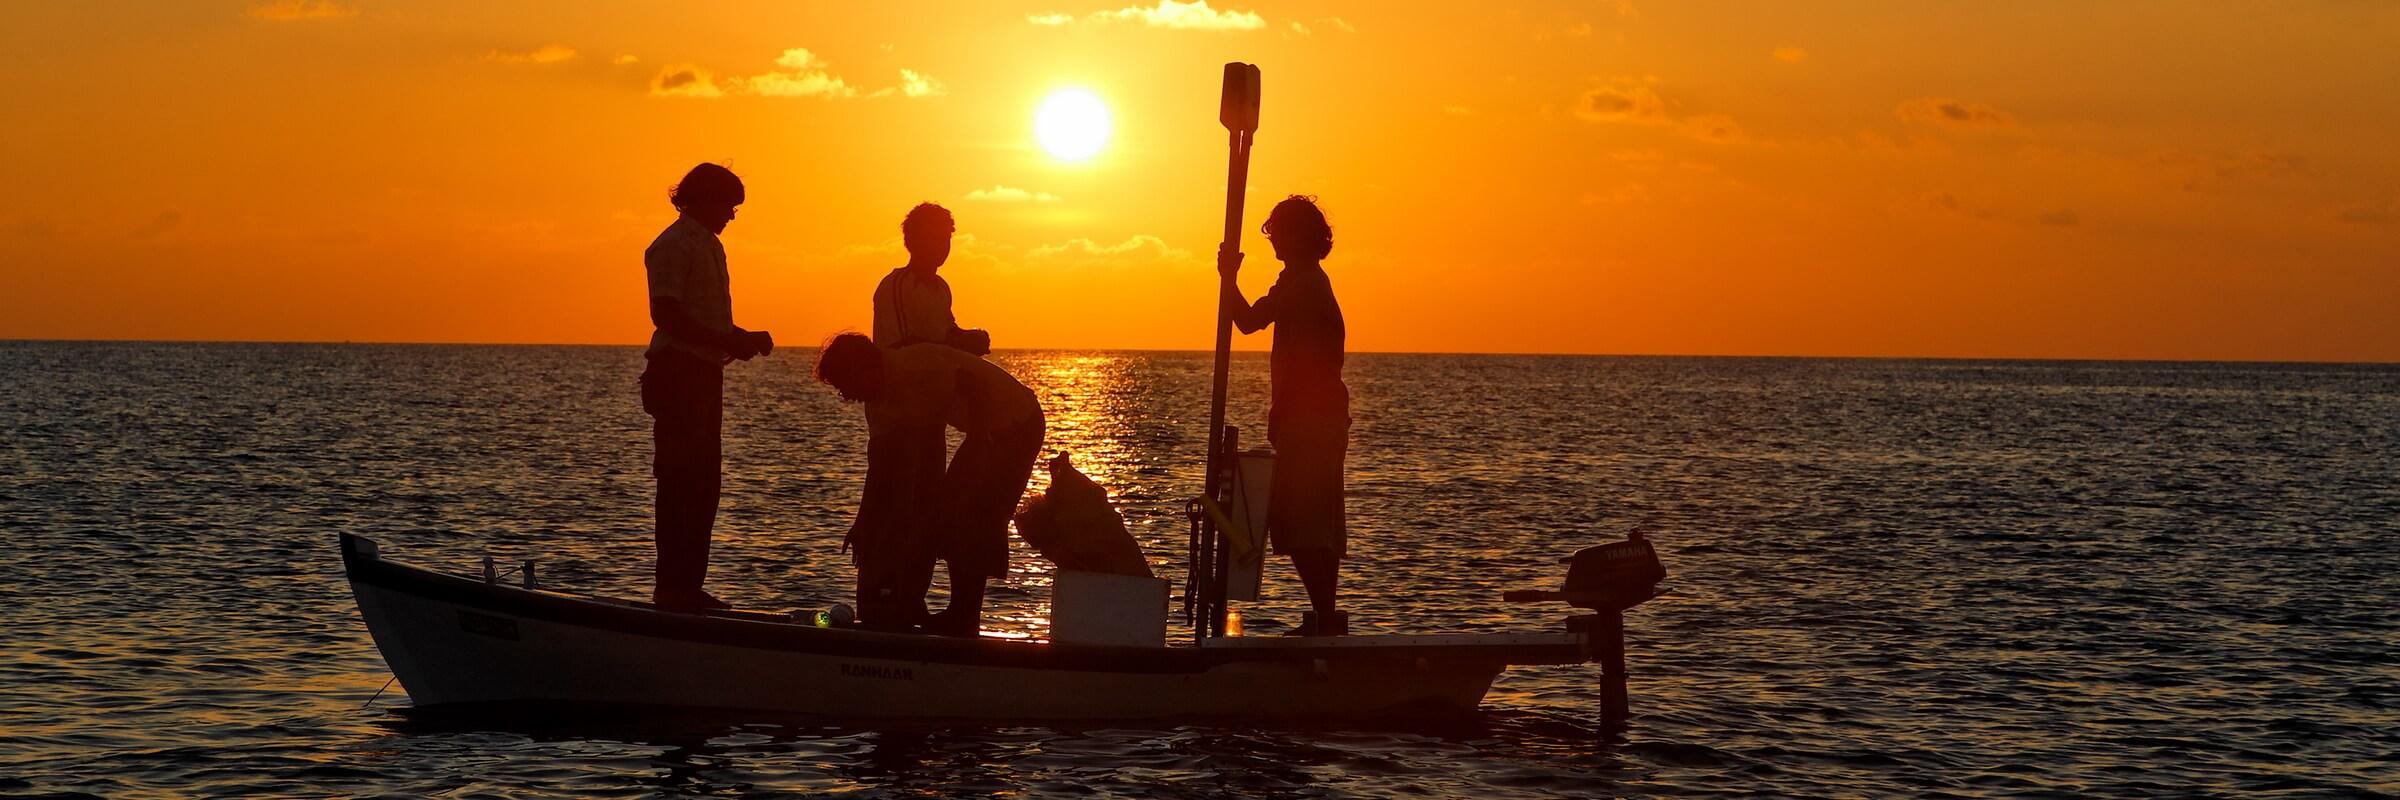 Im Rahmen einer Malediven Reise empfiehlt es sich, auch Bootsasuflüge zu unternehmen, die vielerorts und auch während Kreuzfahrten in der Region angeboten werden.